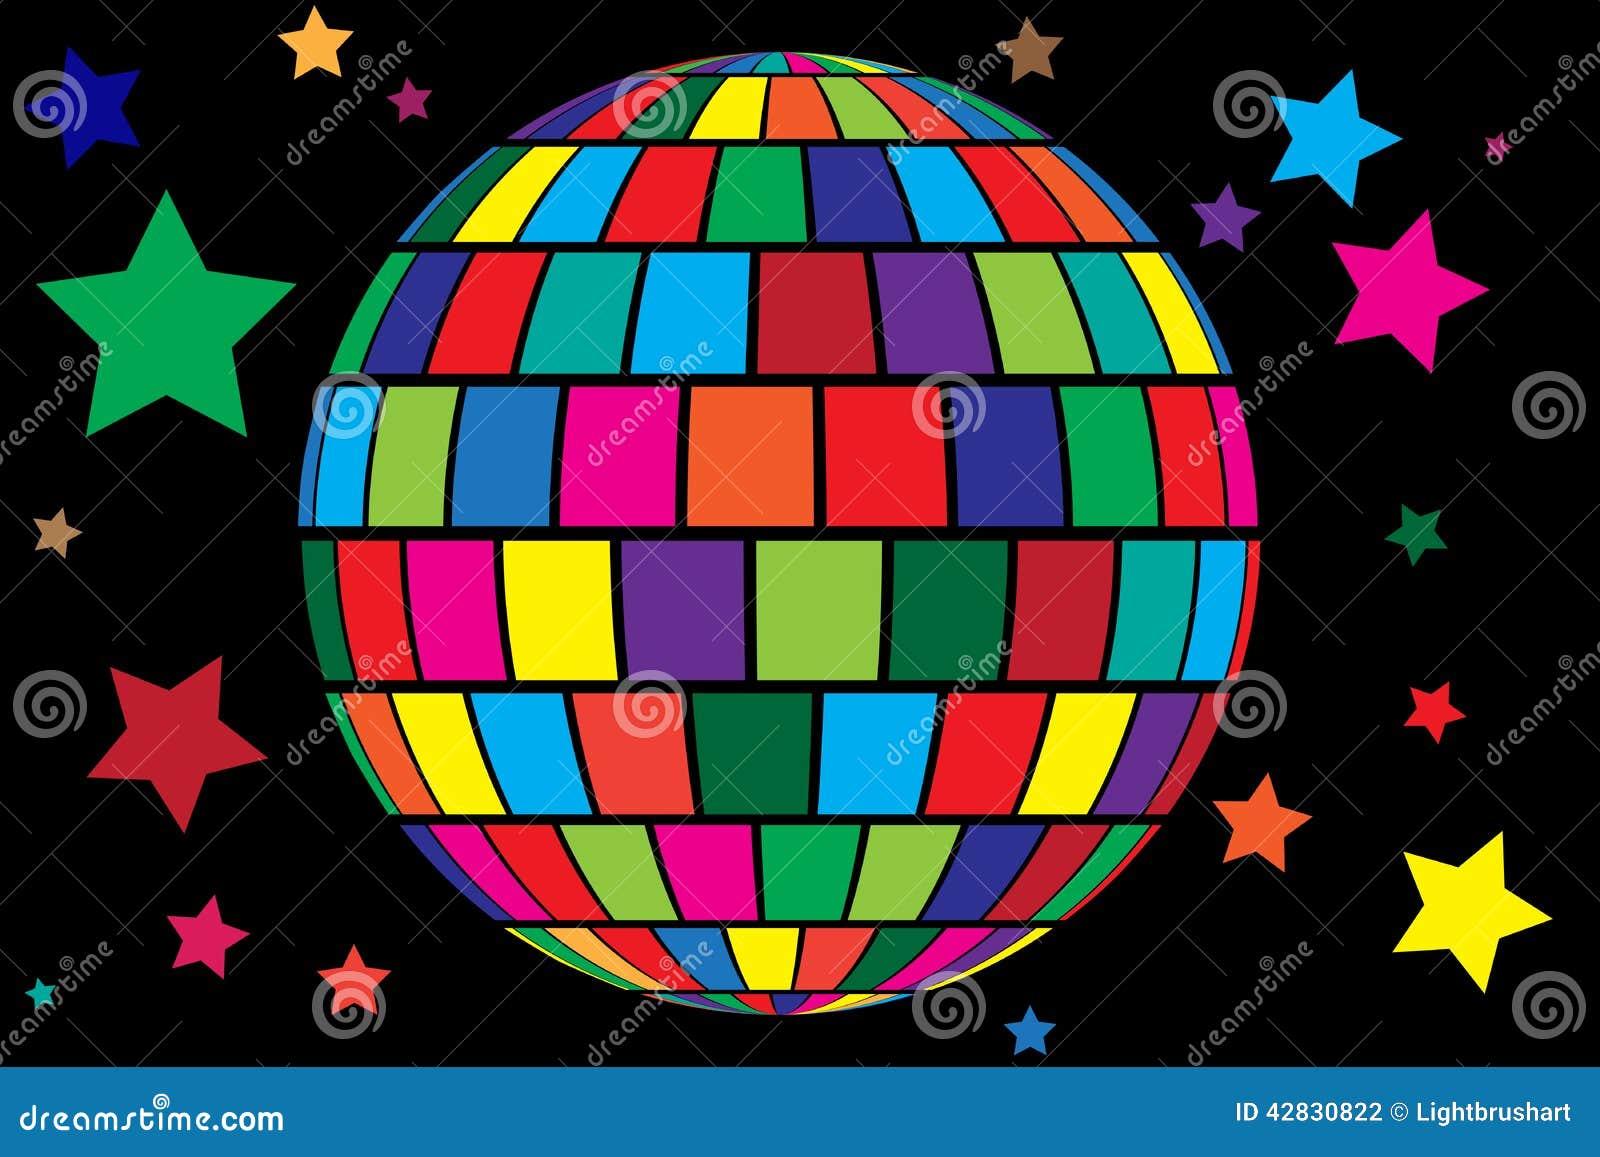 Disco Ball Vector Background Stock Vector - Image: 42830822